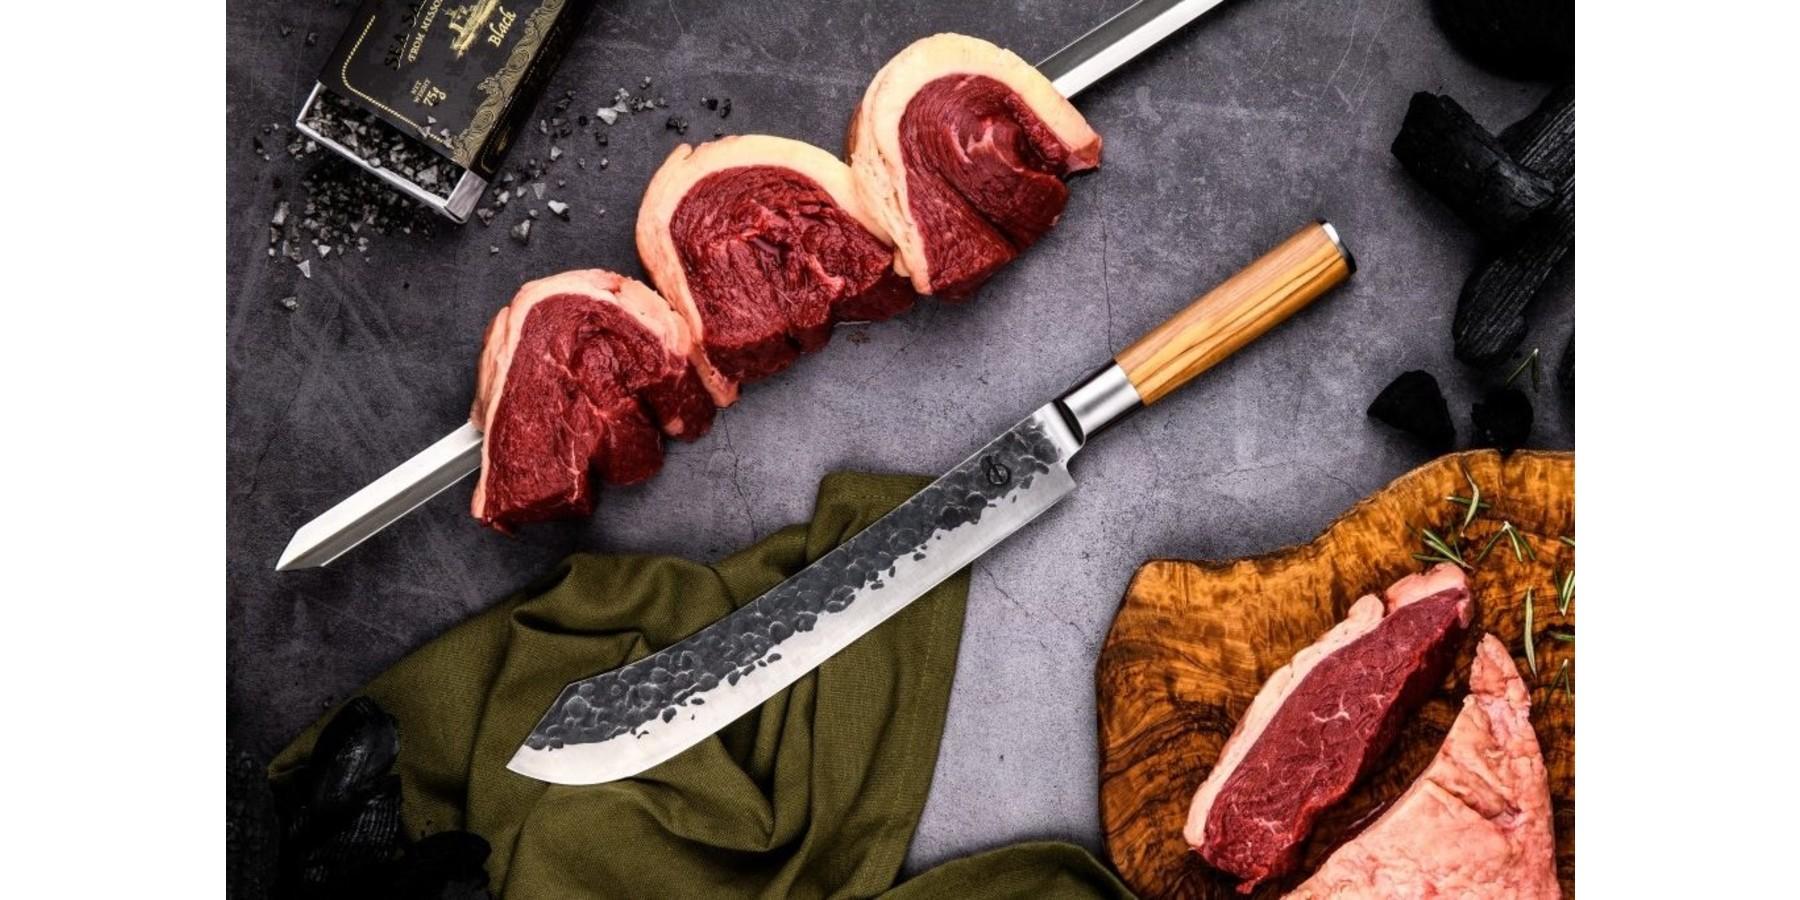 Olive Forged Butcher knife